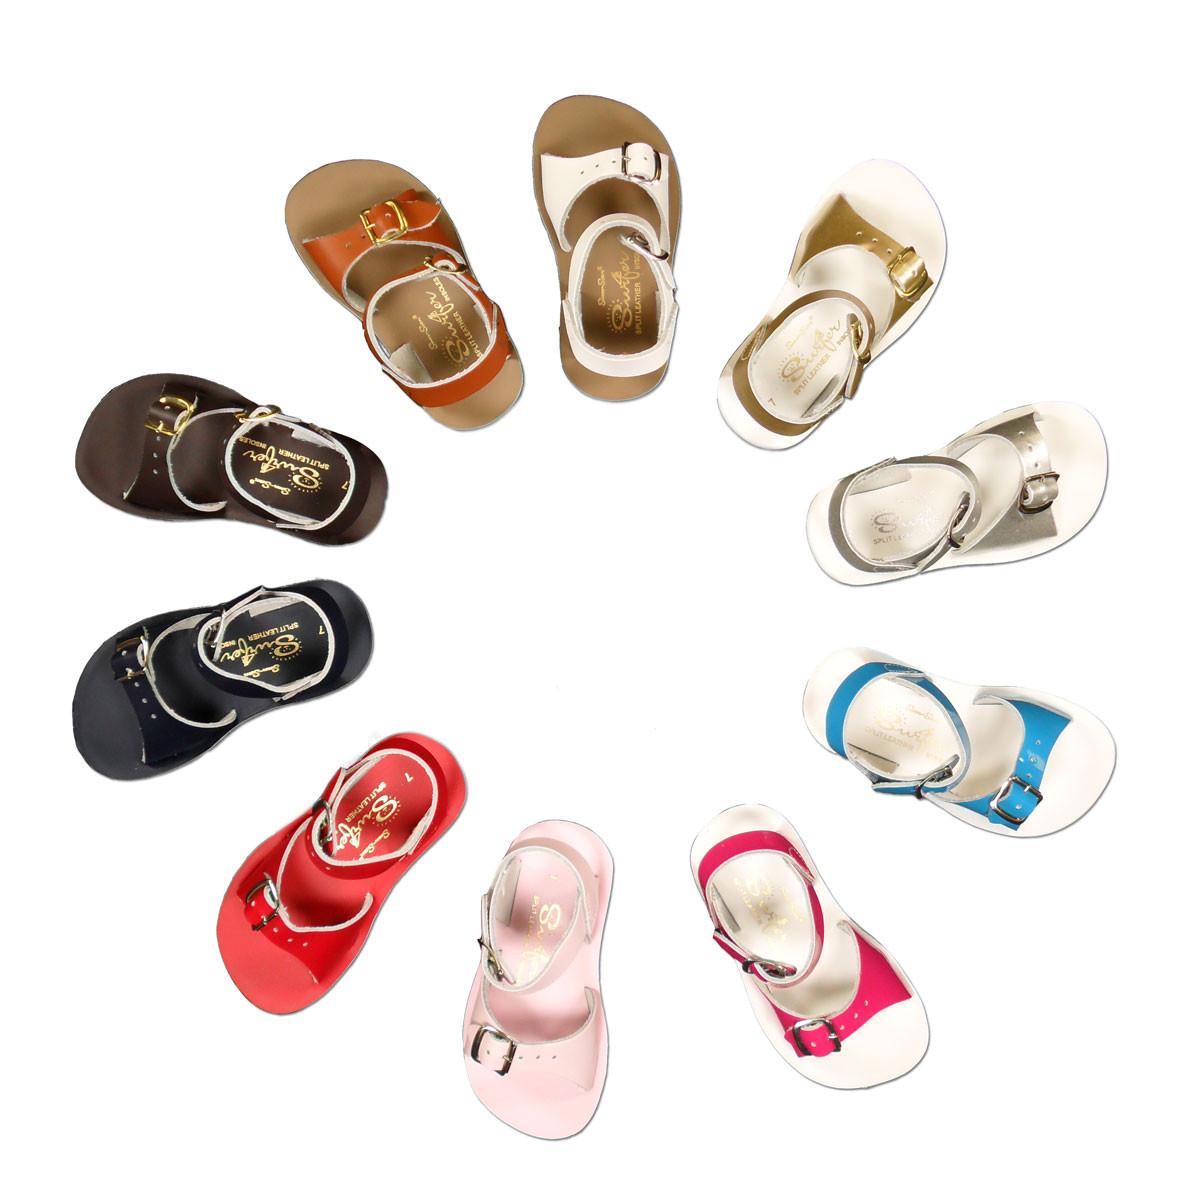 4a467738981a Sun San Surfer Sandals - Lily Pads Boutique